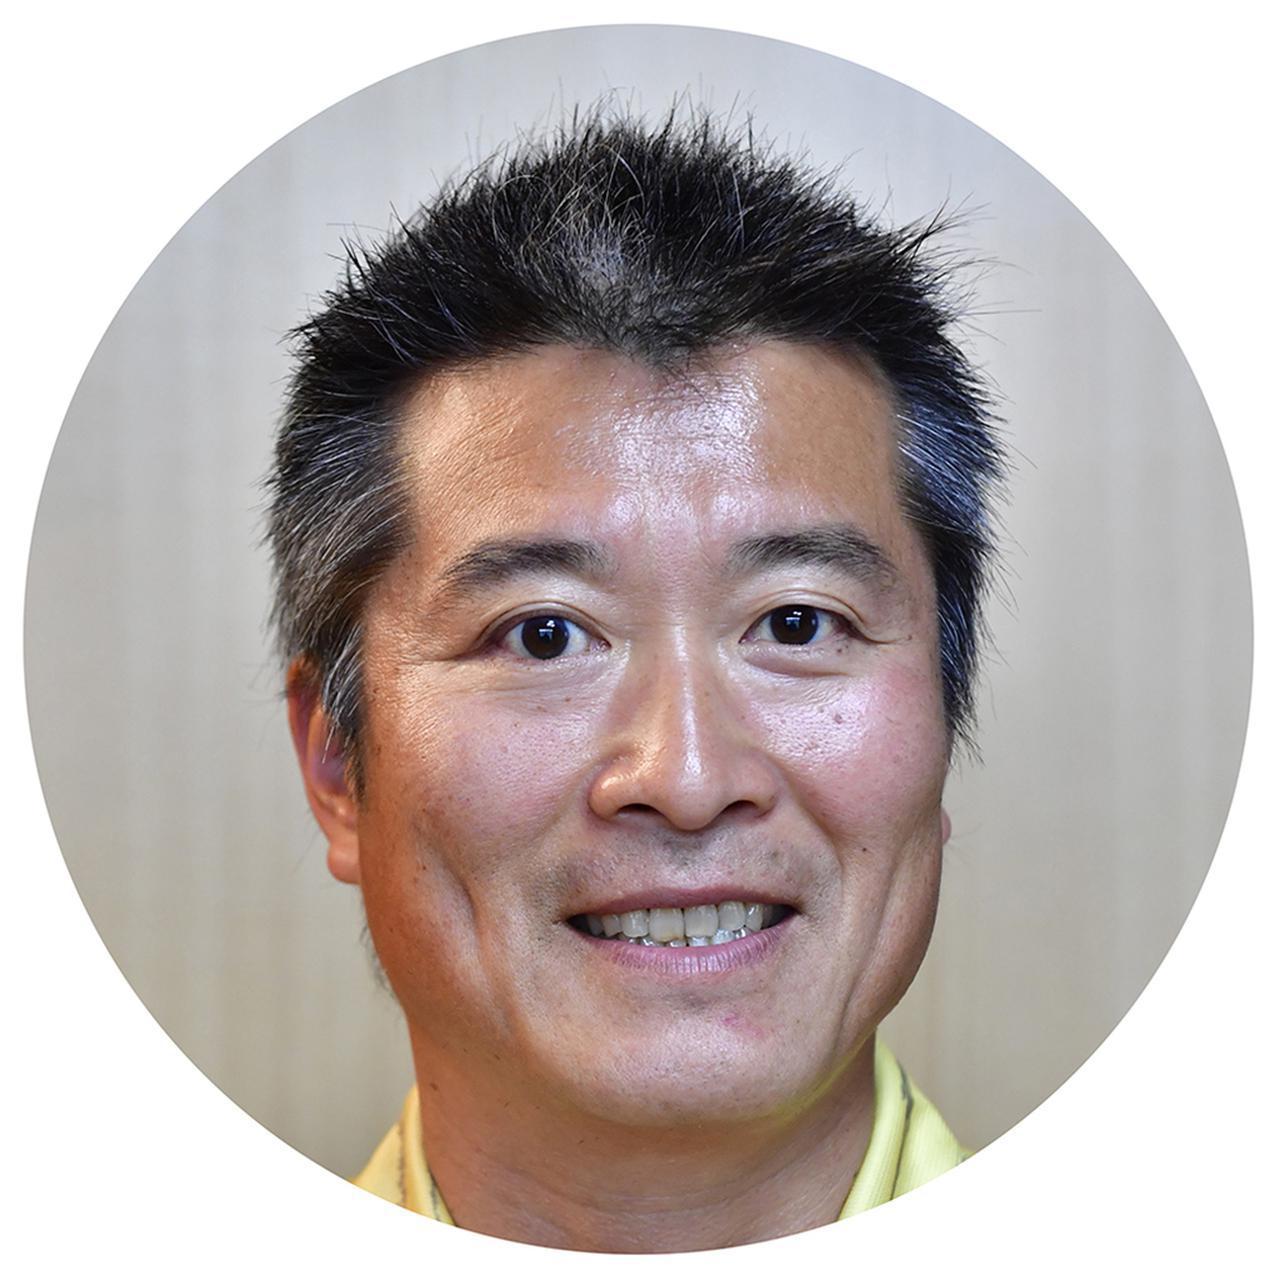 画像: 解説/香西成都プロ こうざいまさと。1970年生まれ香川県出身。元ナイキスタッフプ レーヤーであり、現在はETGS千葉校にてアマチュアのレッスンを行う